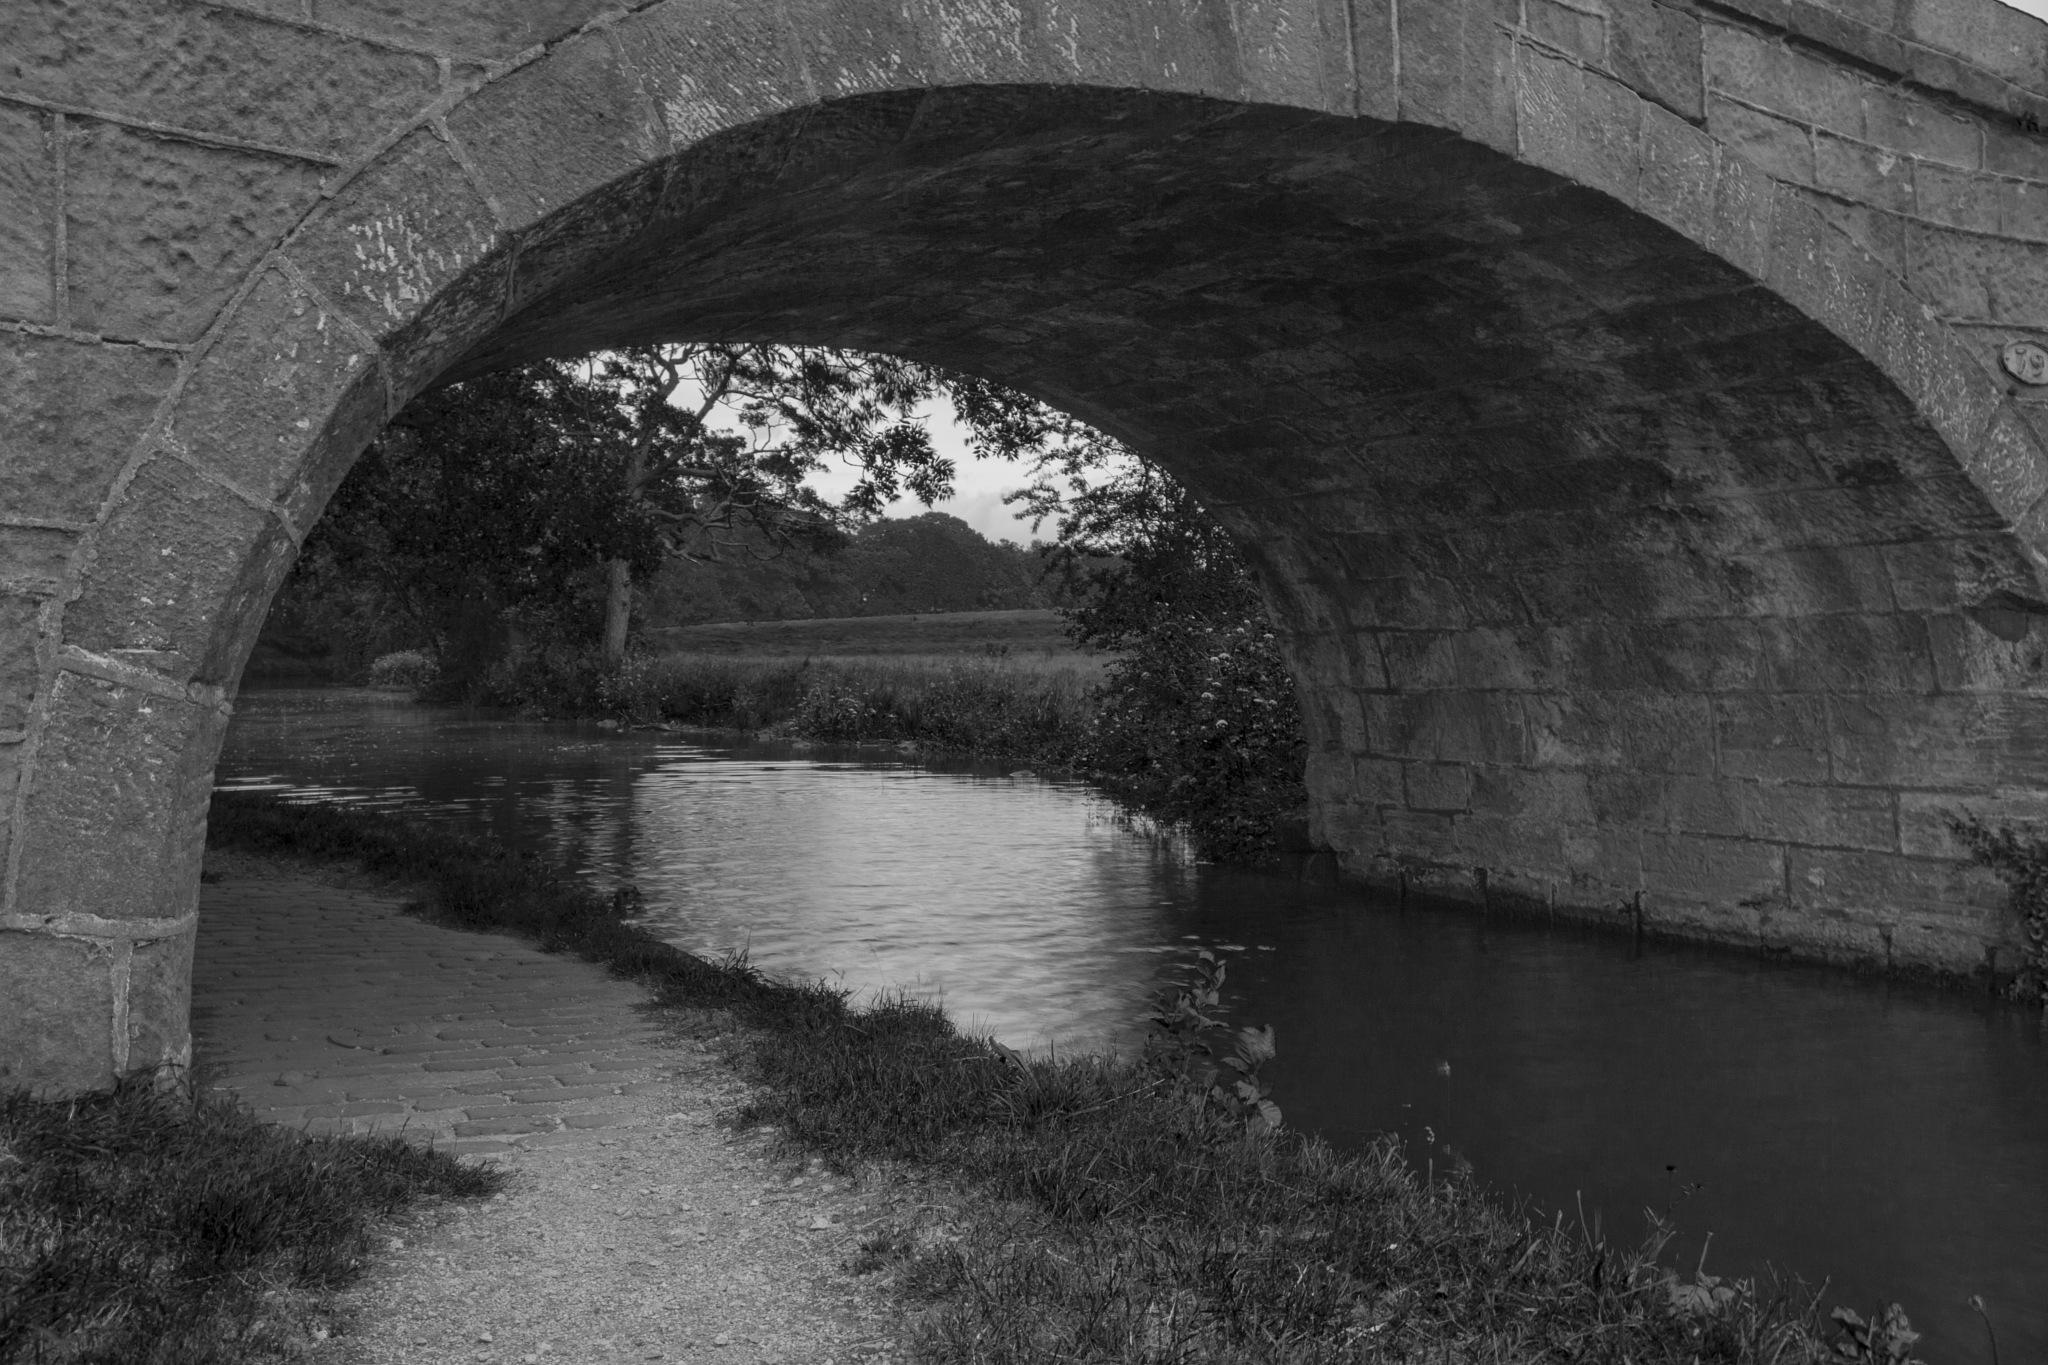 Through the bridge by Kevhyde